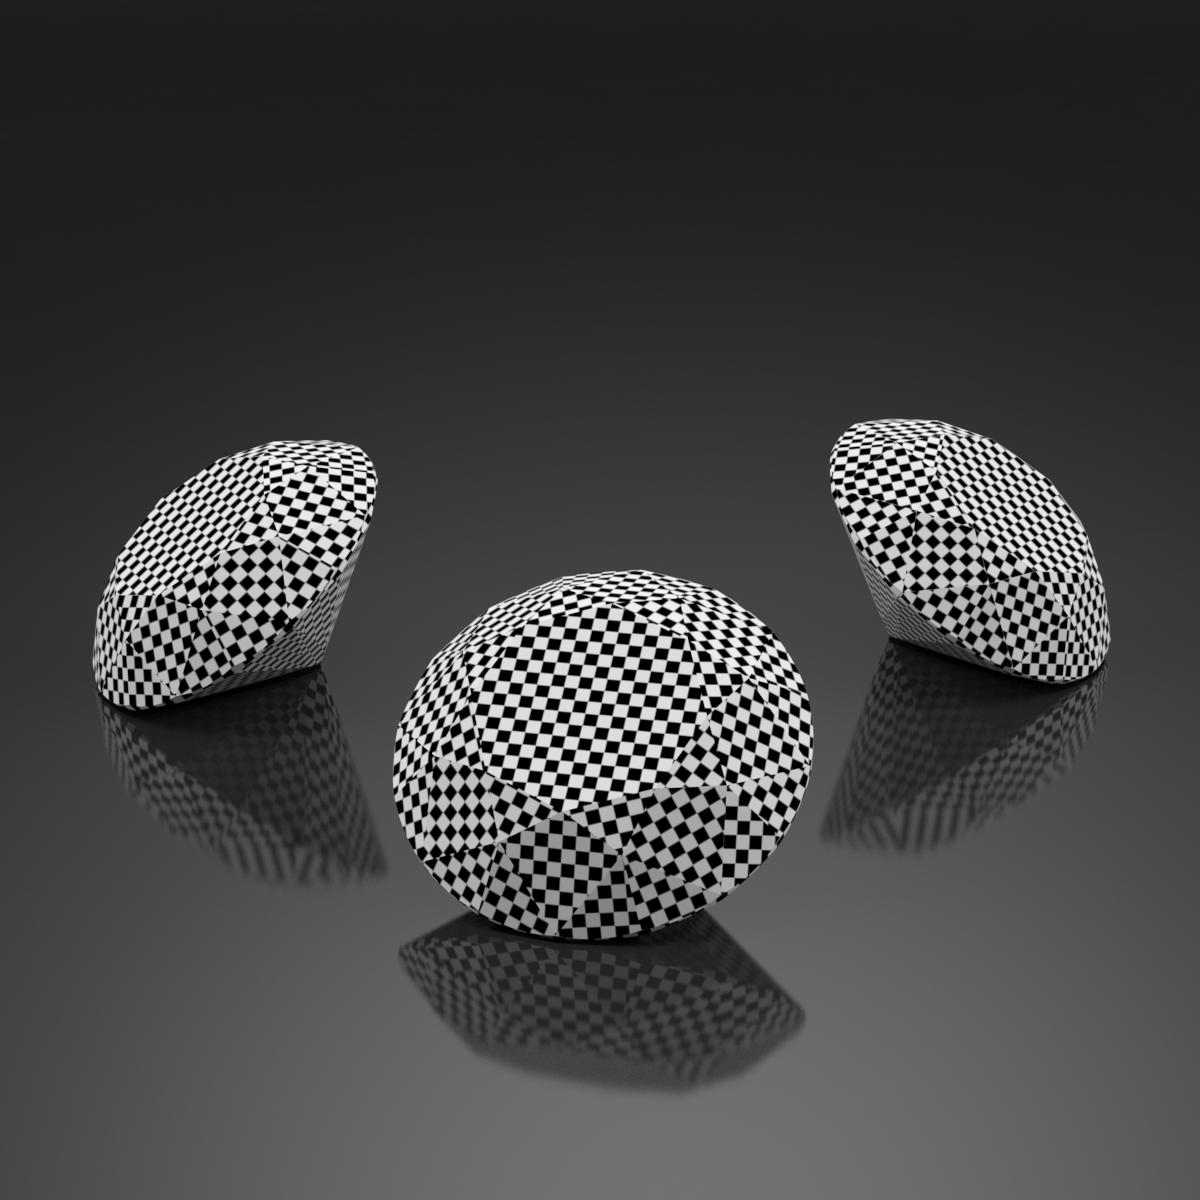 round brilliant diamond 3d model 3ds max dxf dwg fbx c4d ma mb 3dm  obj 283547